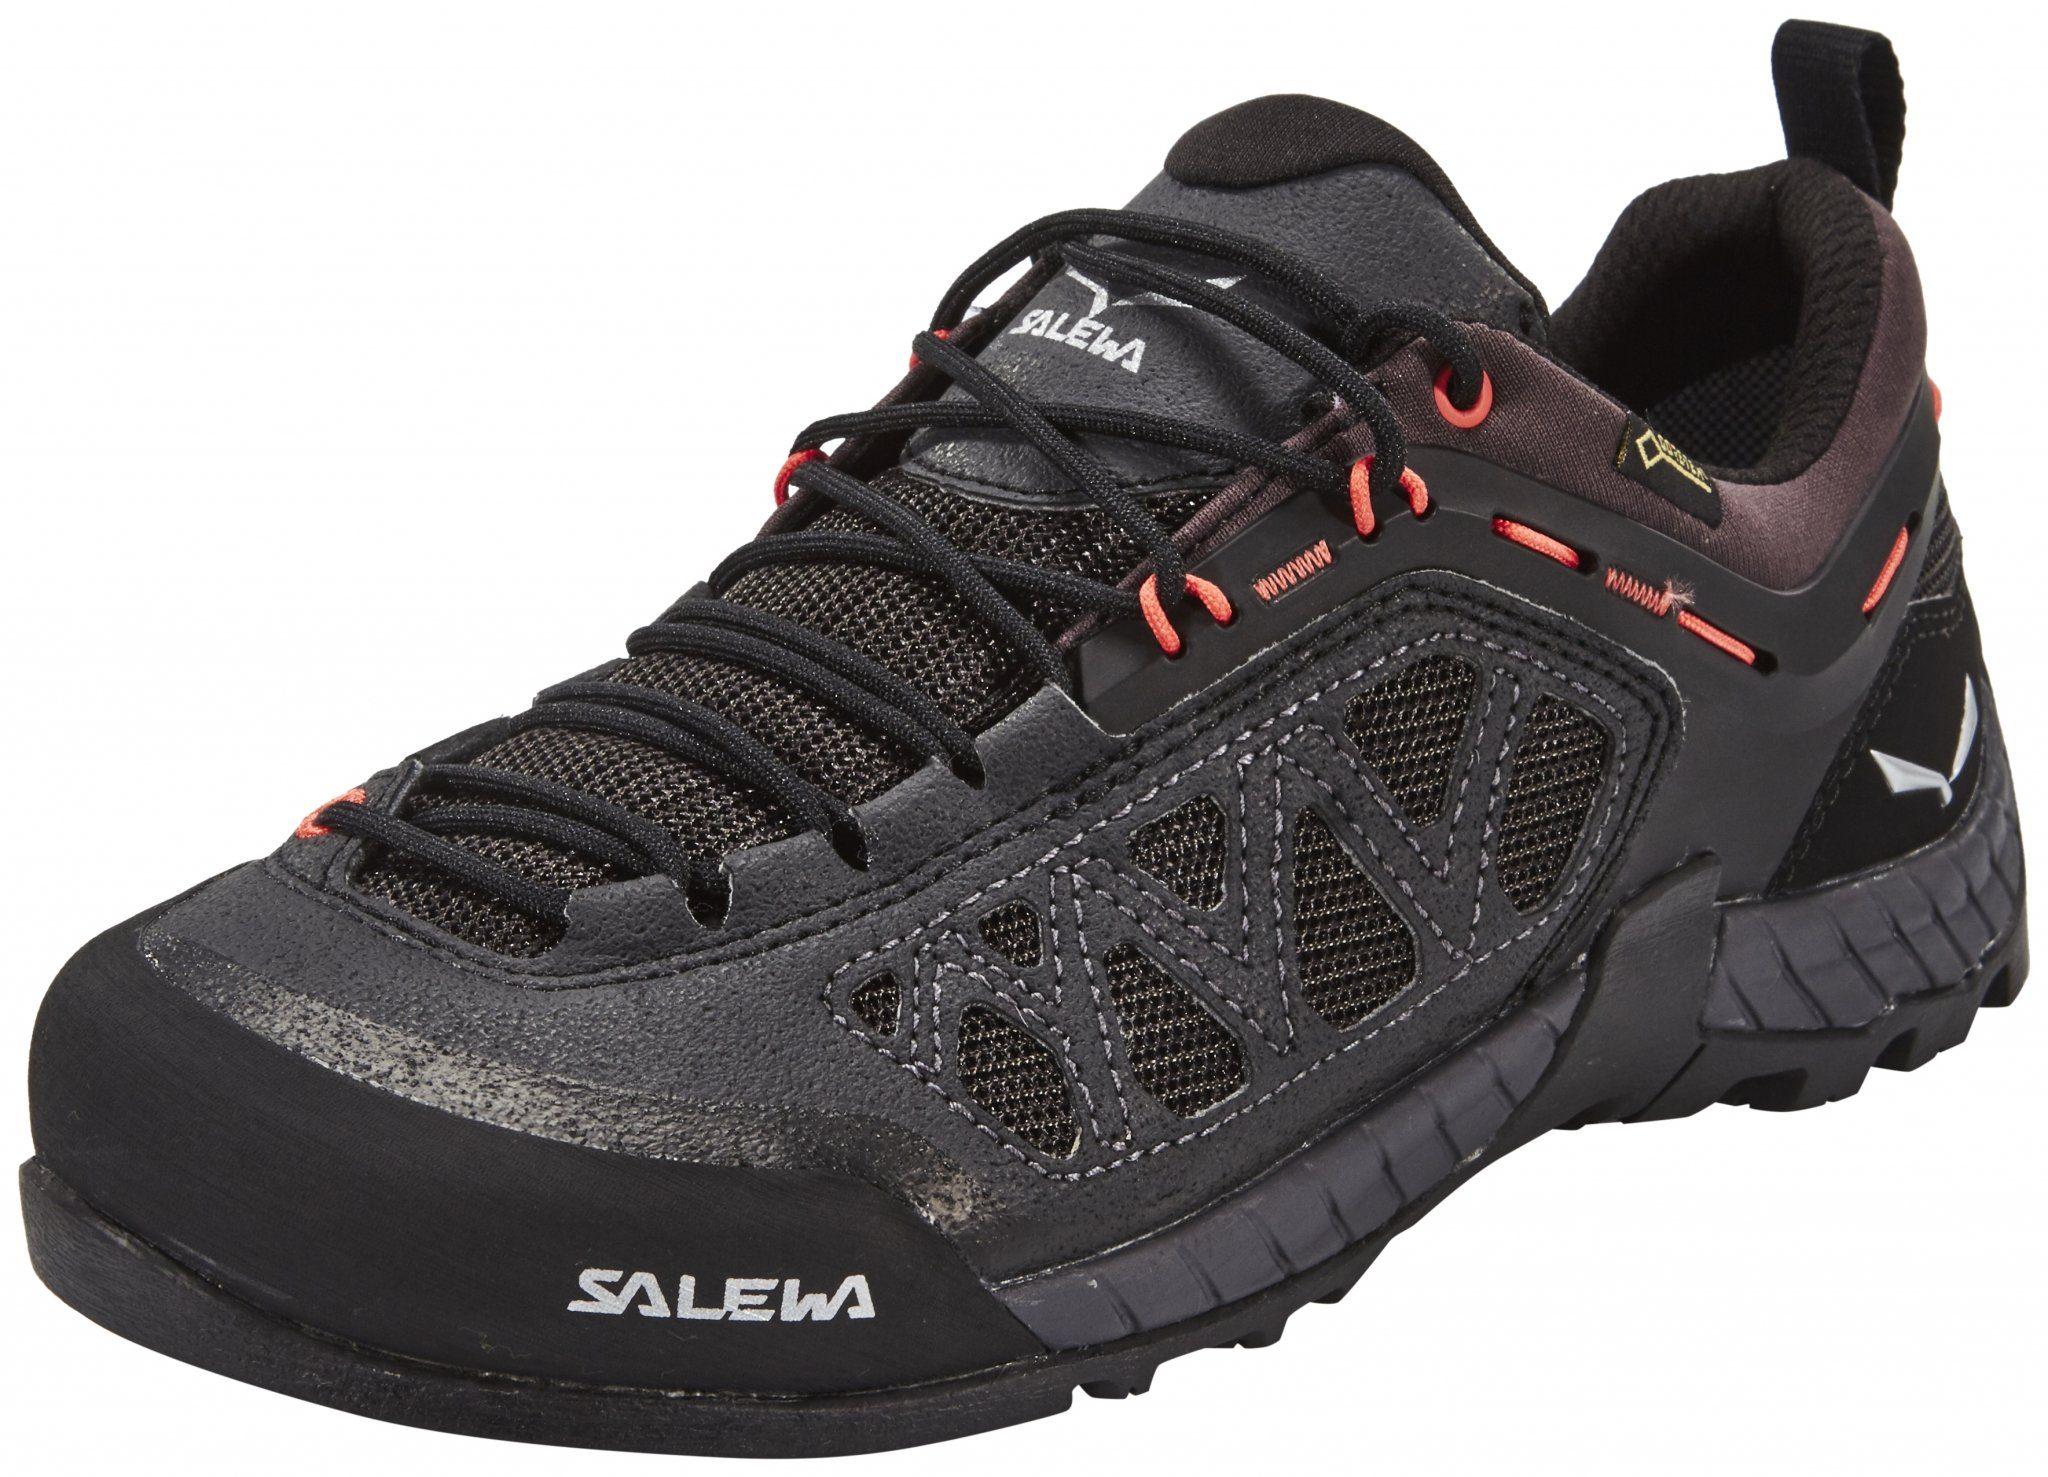 Salewa Kletterschuh »Firetail 3 GTX Approach Shoes Women«